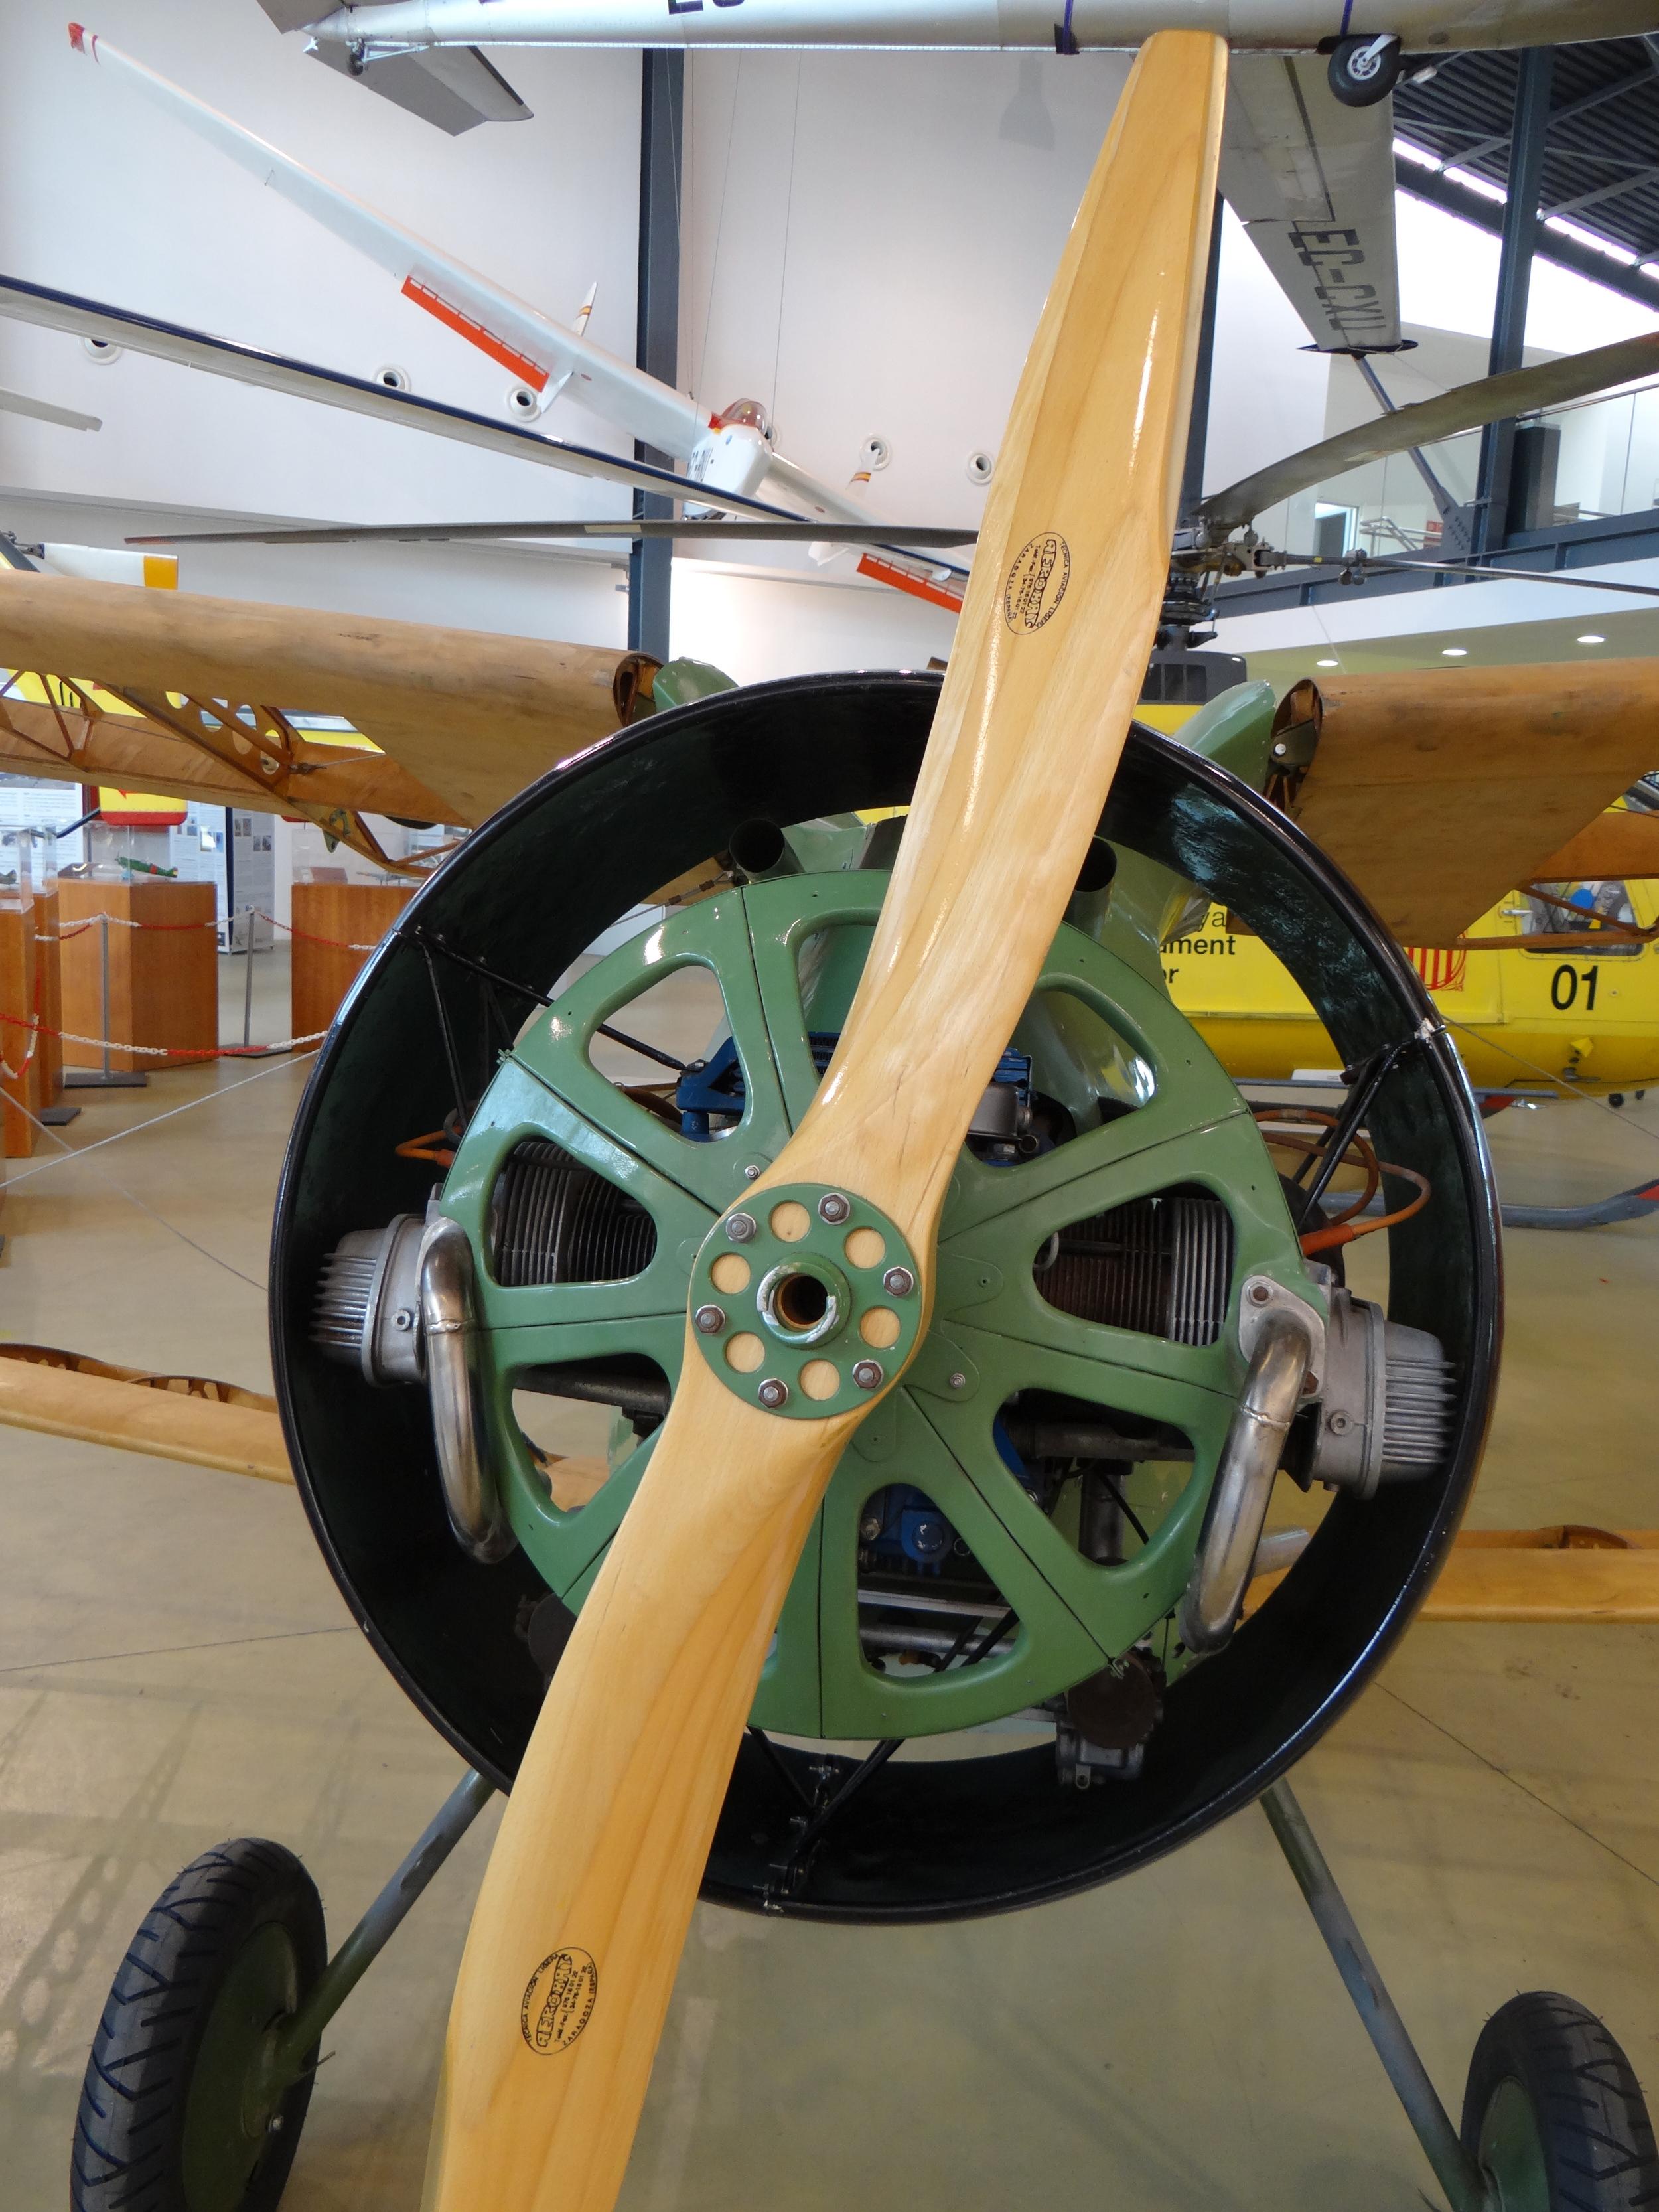 Polikarpov I-15 propeller